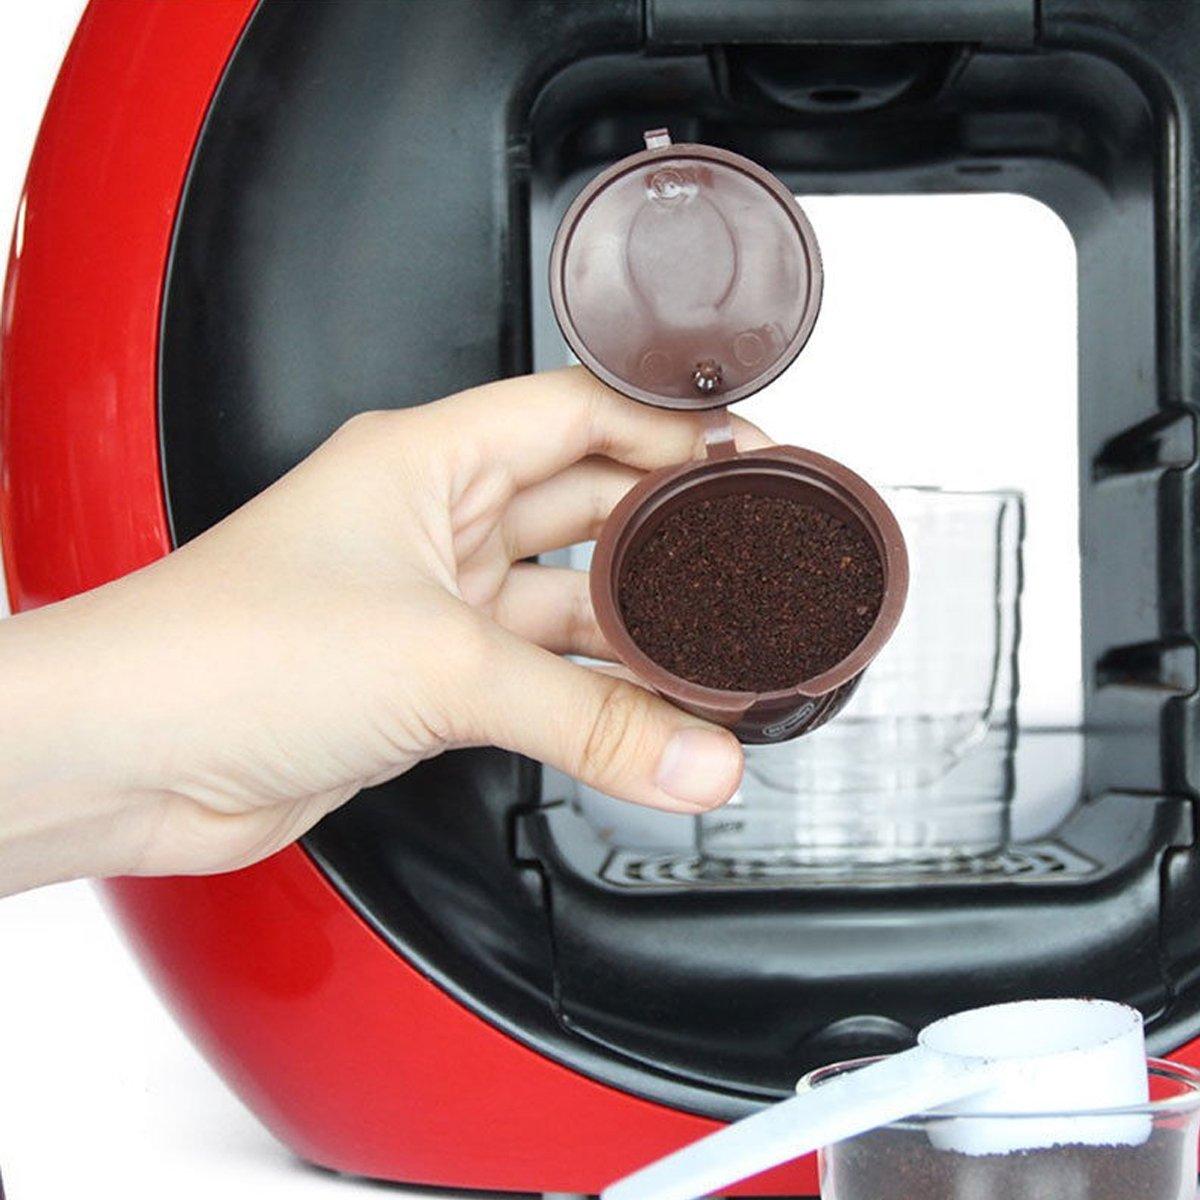 Bearony Taza Reutilizable de la cápsula del café, 8pcs fijó Las cápsulas para el Filtro Reutilizable de la Taza de café de los cerveceros de Dolce Gusto: ...